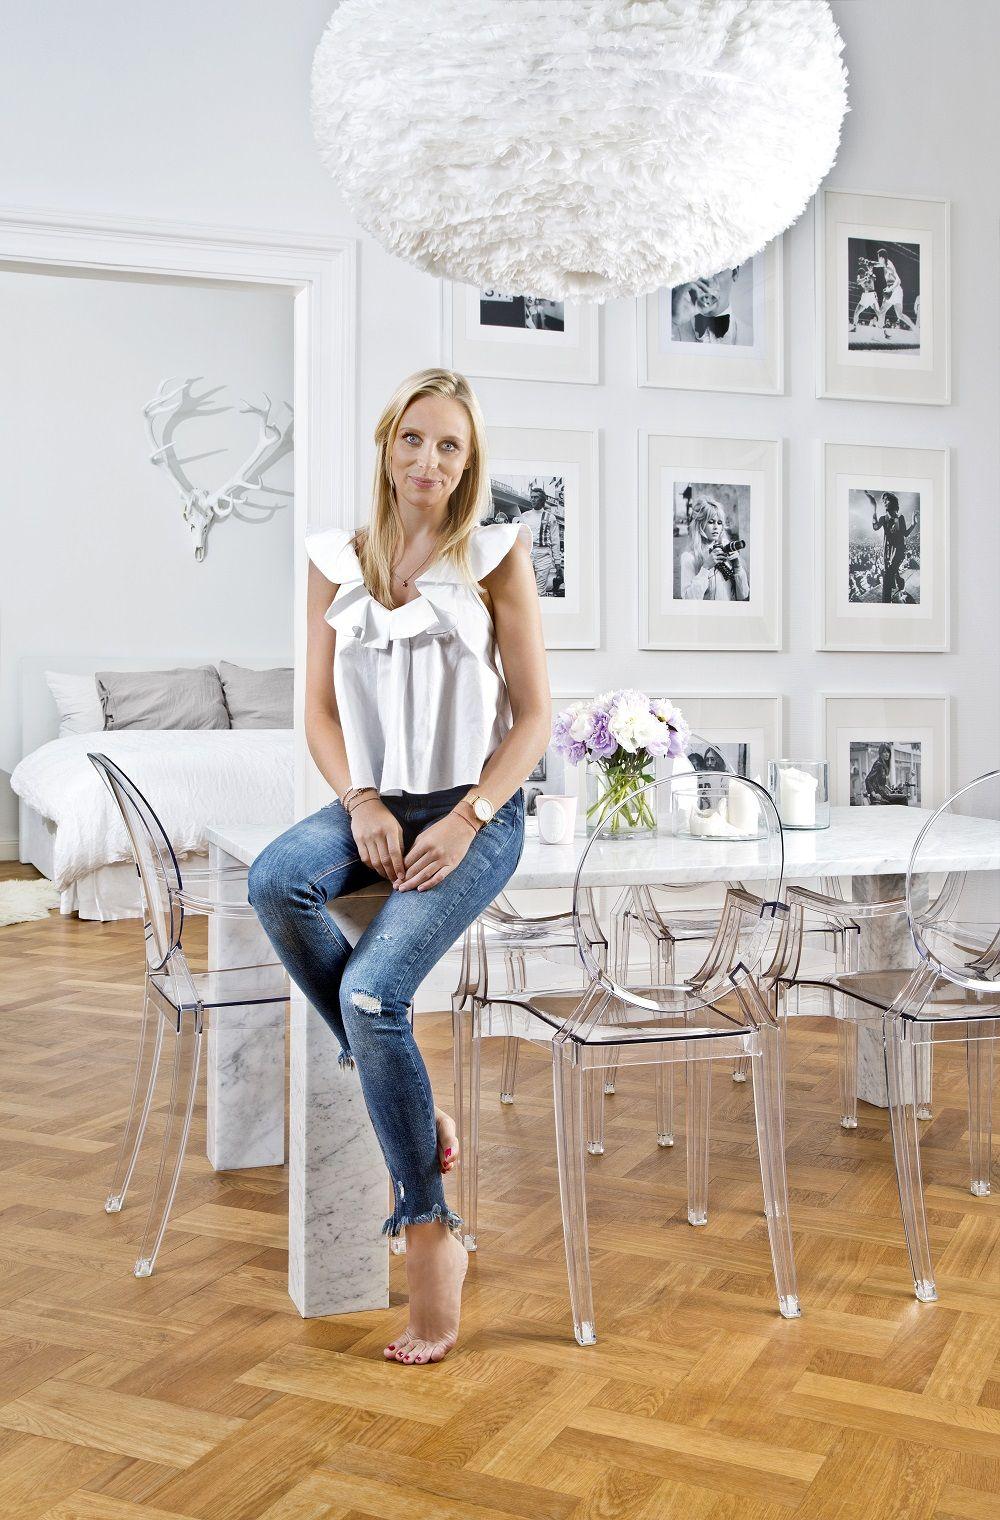 So Wohnt Westwing Carolin Dietman Senior Style Managerin Bei Westwing Zeigt Uns Ihre Wunde Einrichten Und Wohnen Wohnzimmer Marmortisch Wohnzimmer Einrichten